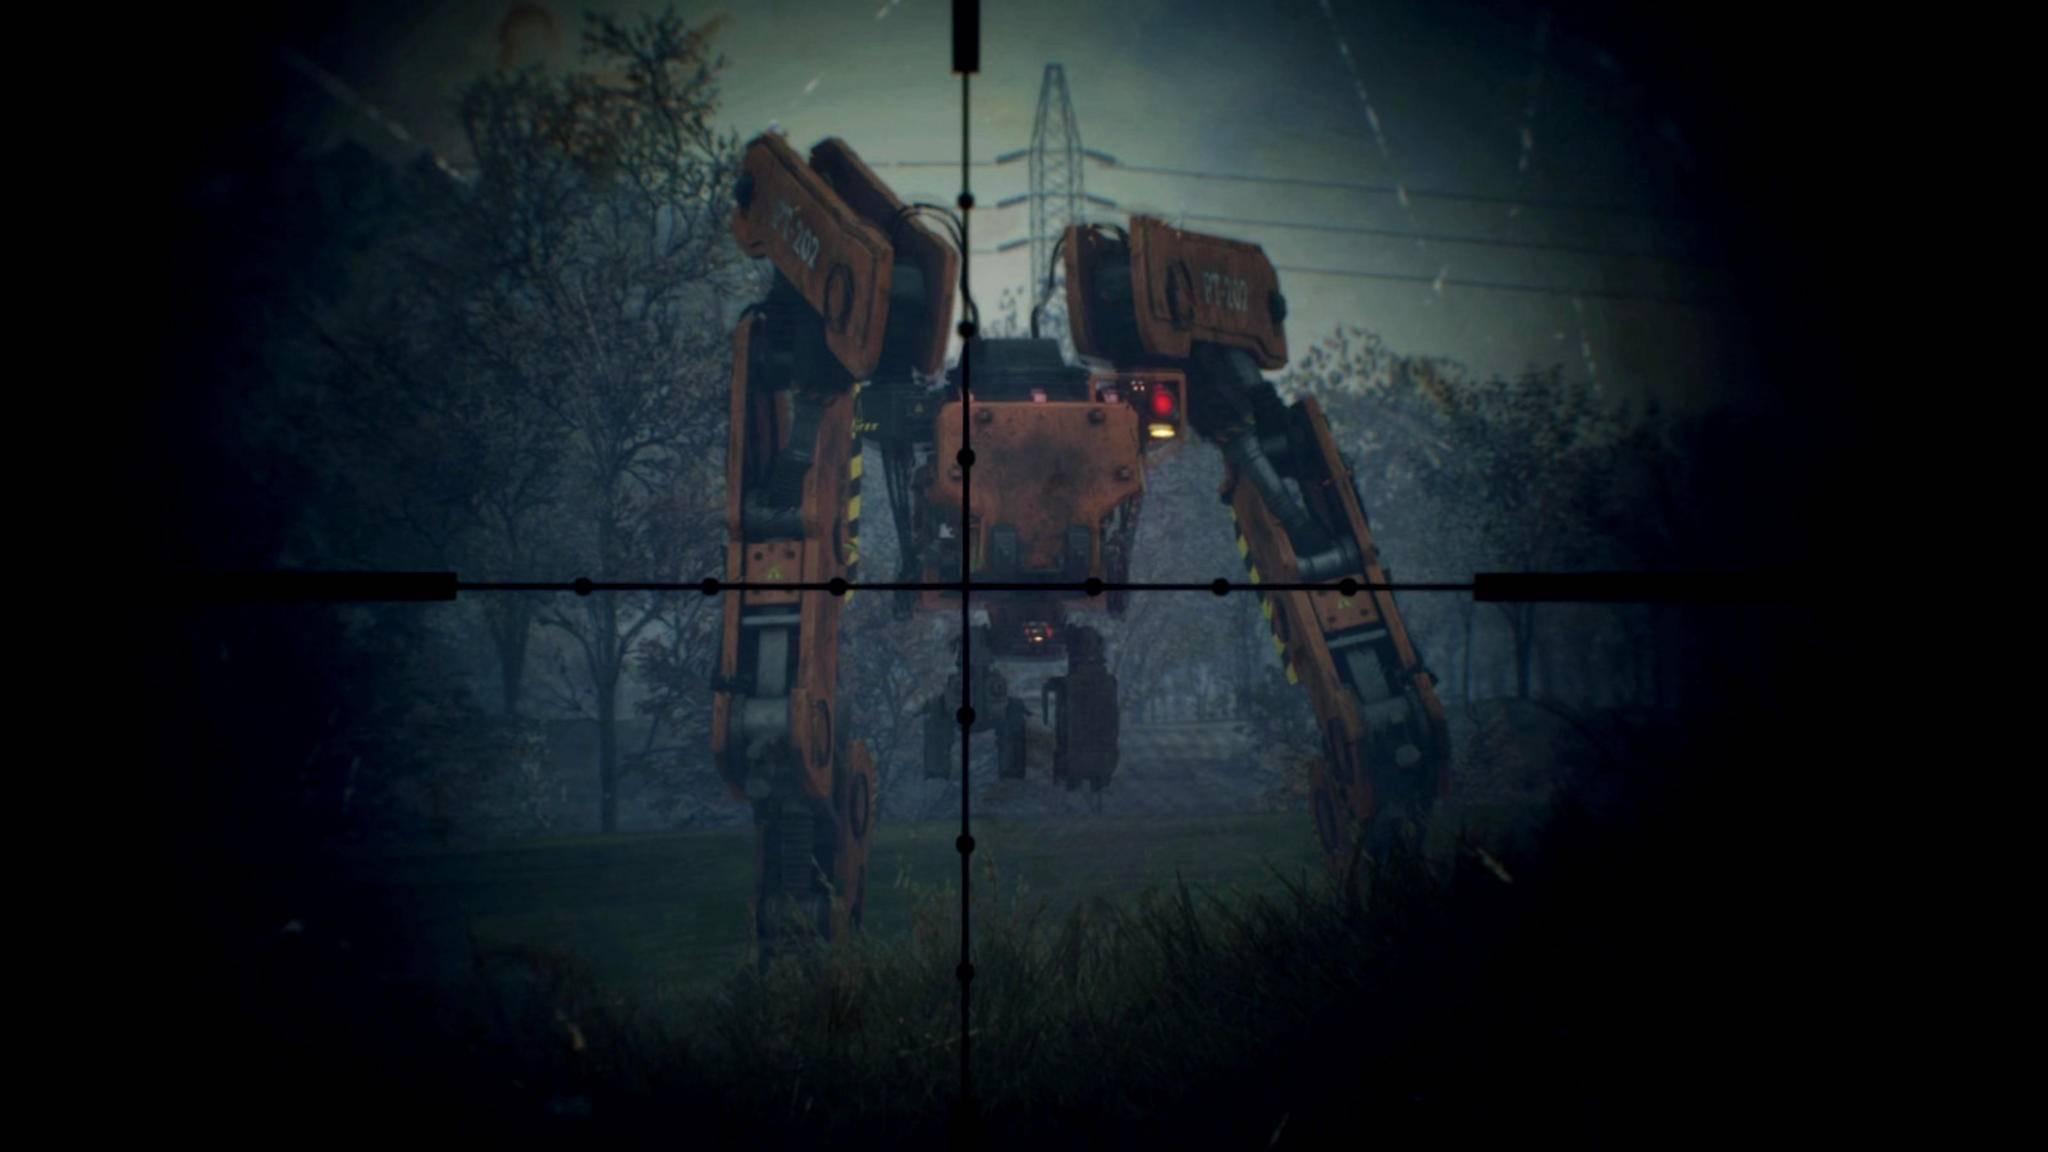 Na gut, bei den Robotern ist größer schon besser ...